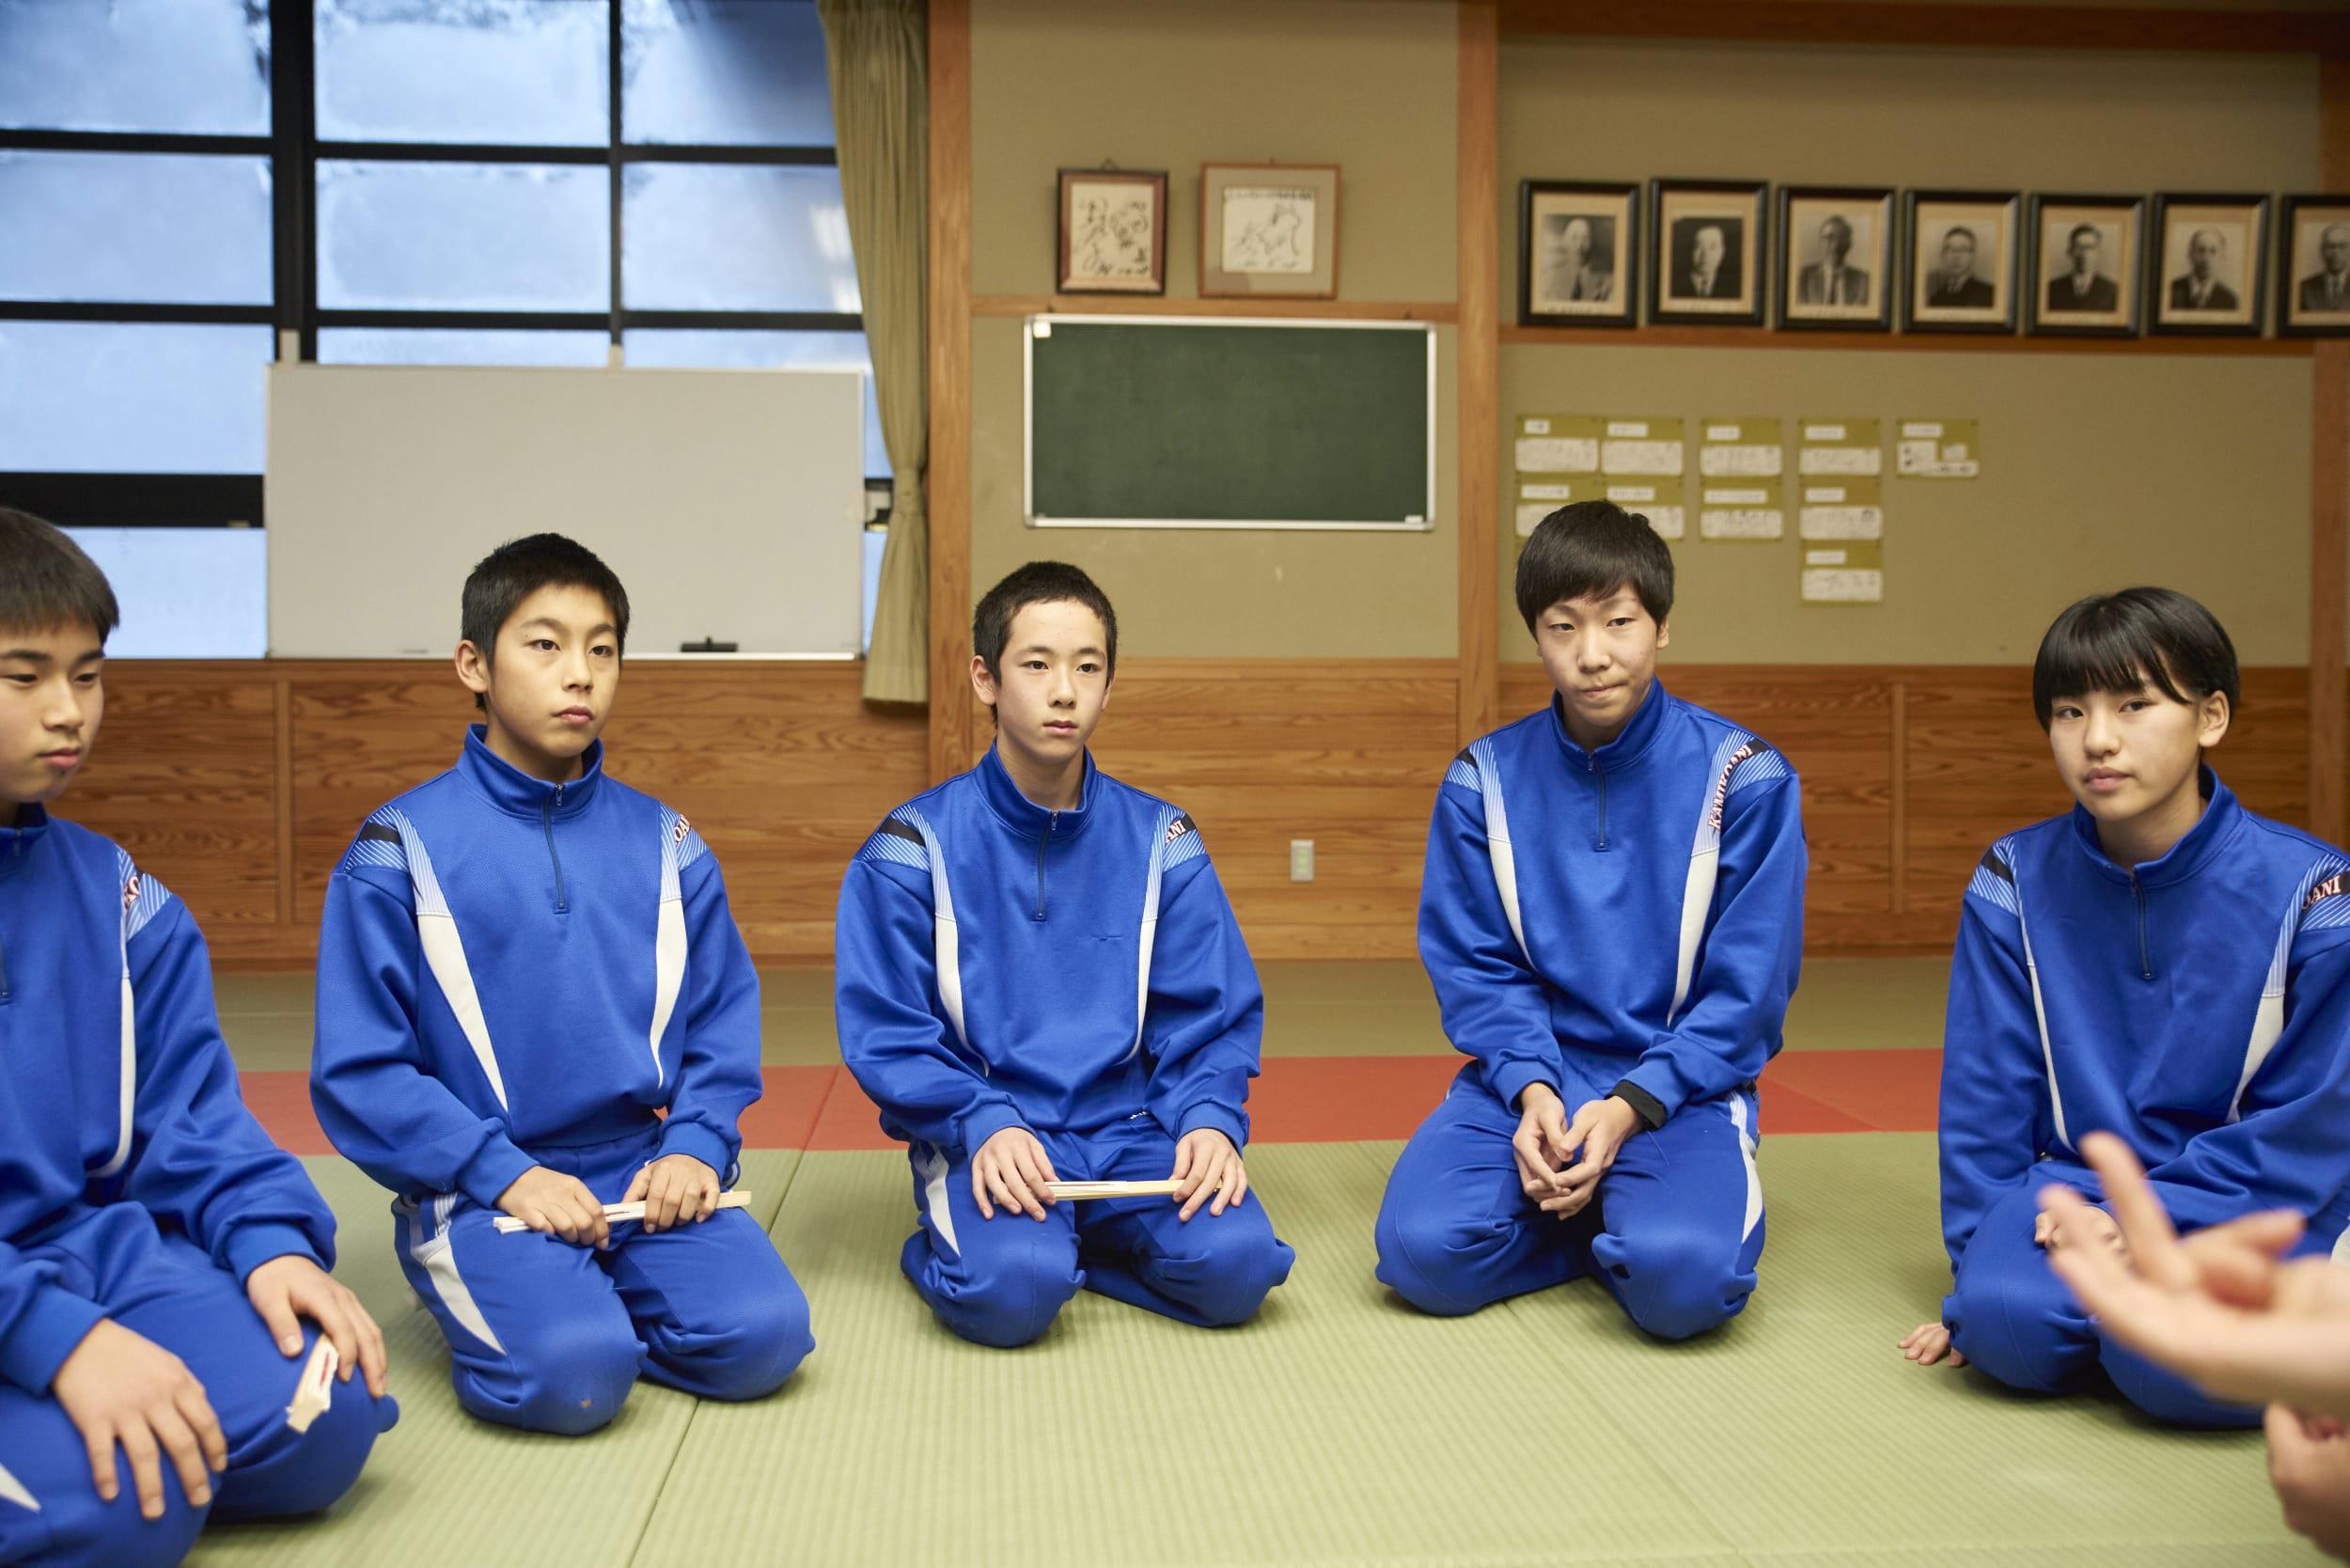 八木沢番楽を学ぶ、小学4年から中学3年までの生徒たち。こうして見るとみんなちゃんと正座している……こういう作法や行儀のよさを自然と身につけているのも、芸能を学んだがゆえのものなのだろう。